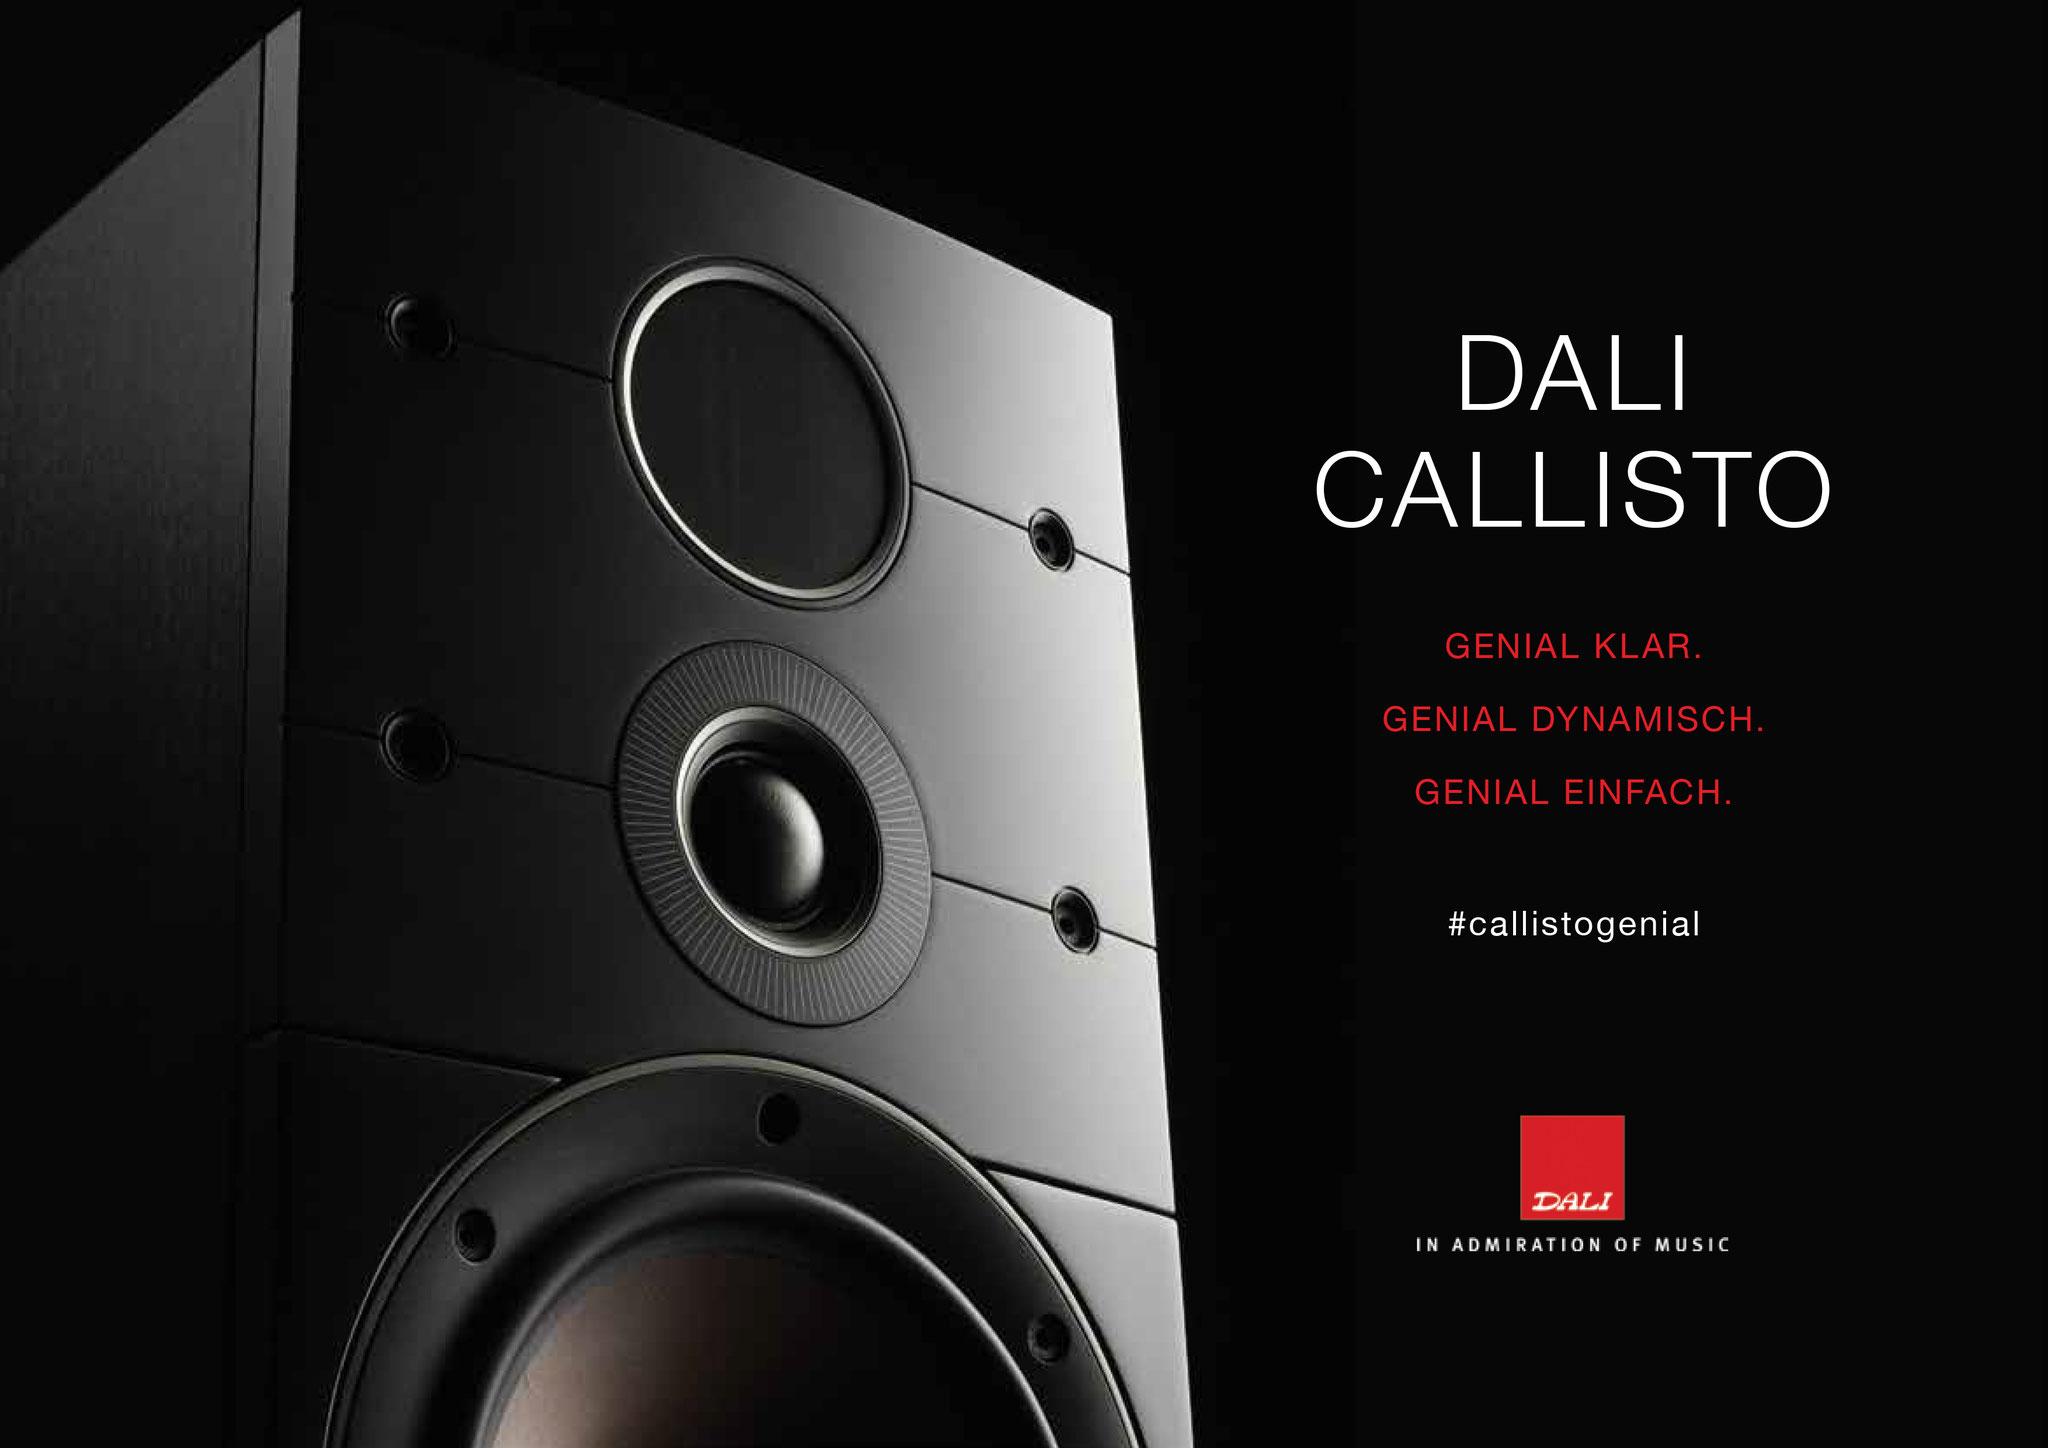 Dali Callisto Prospekt